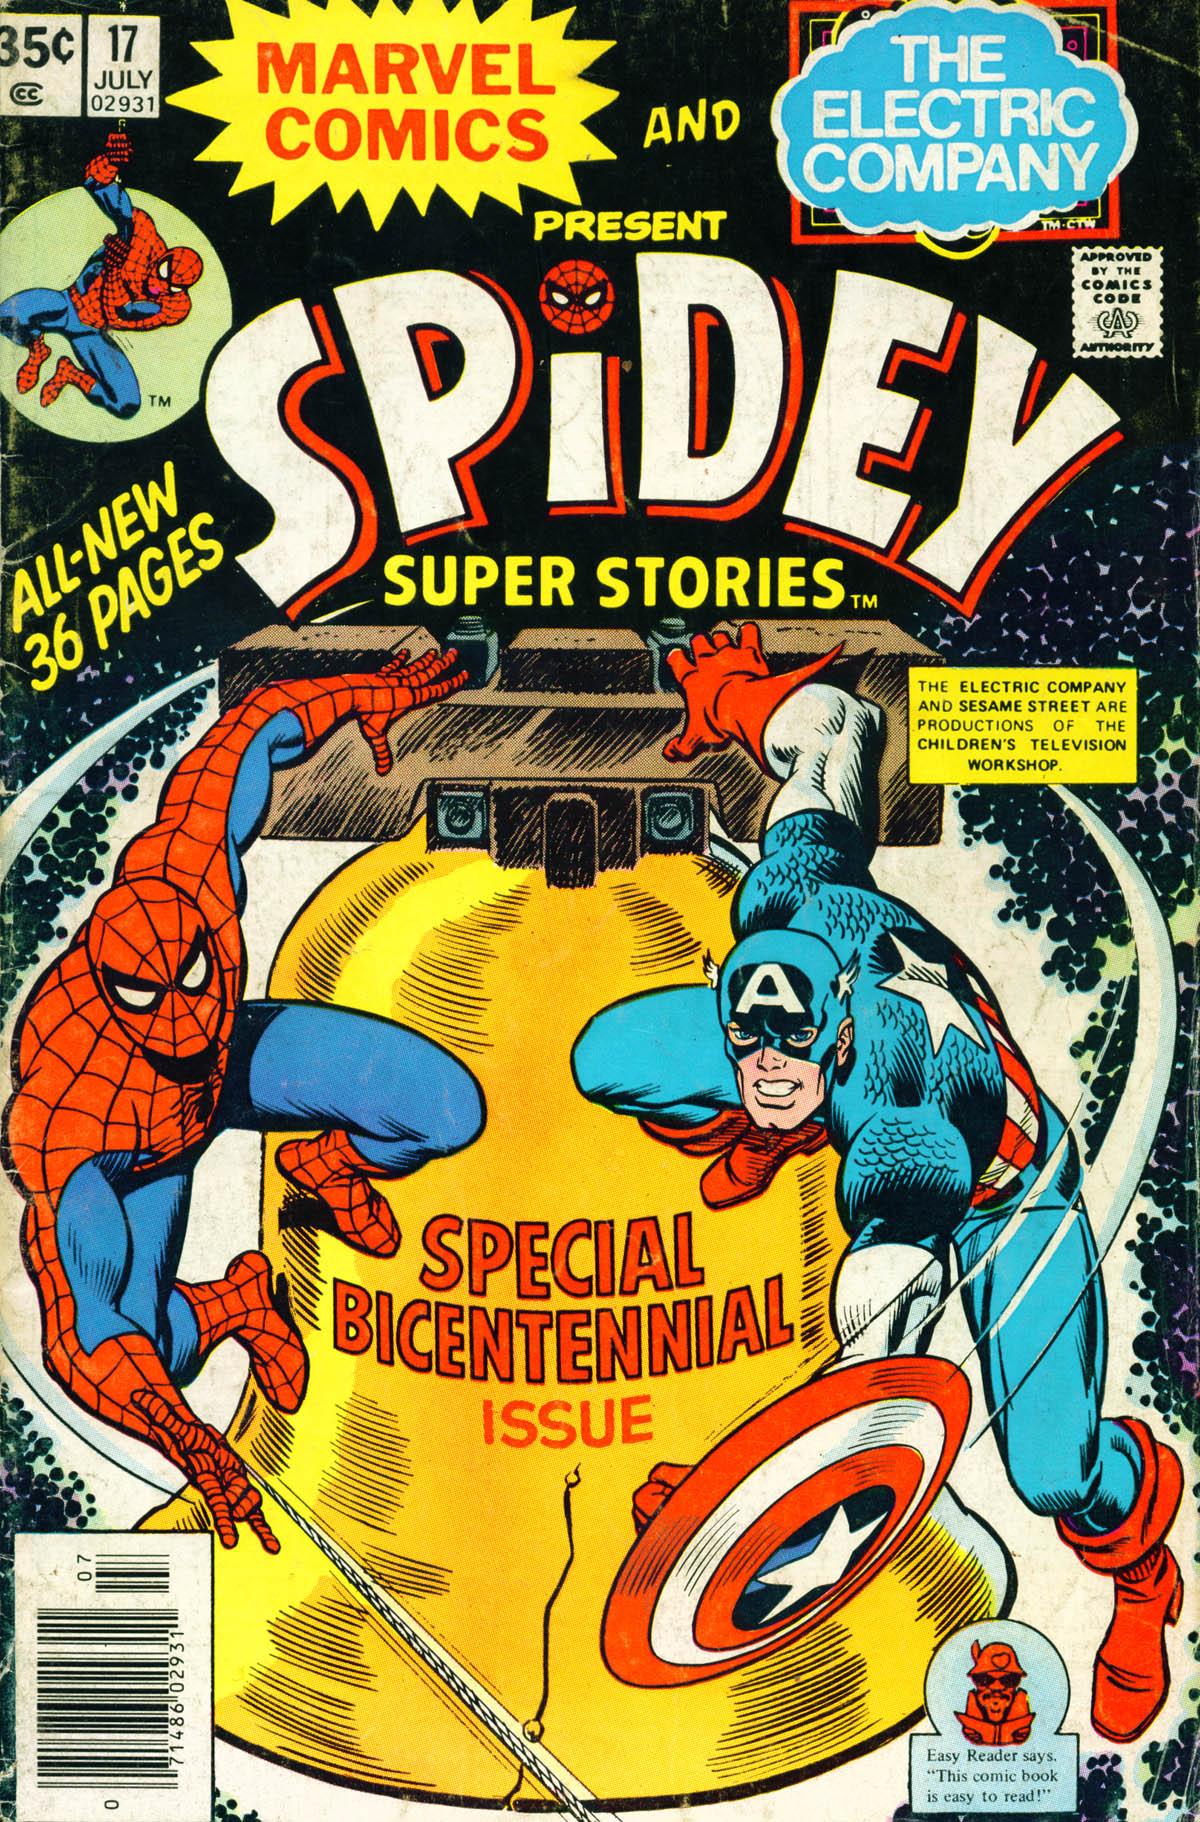 Spidey Super Stories 17 Page 1